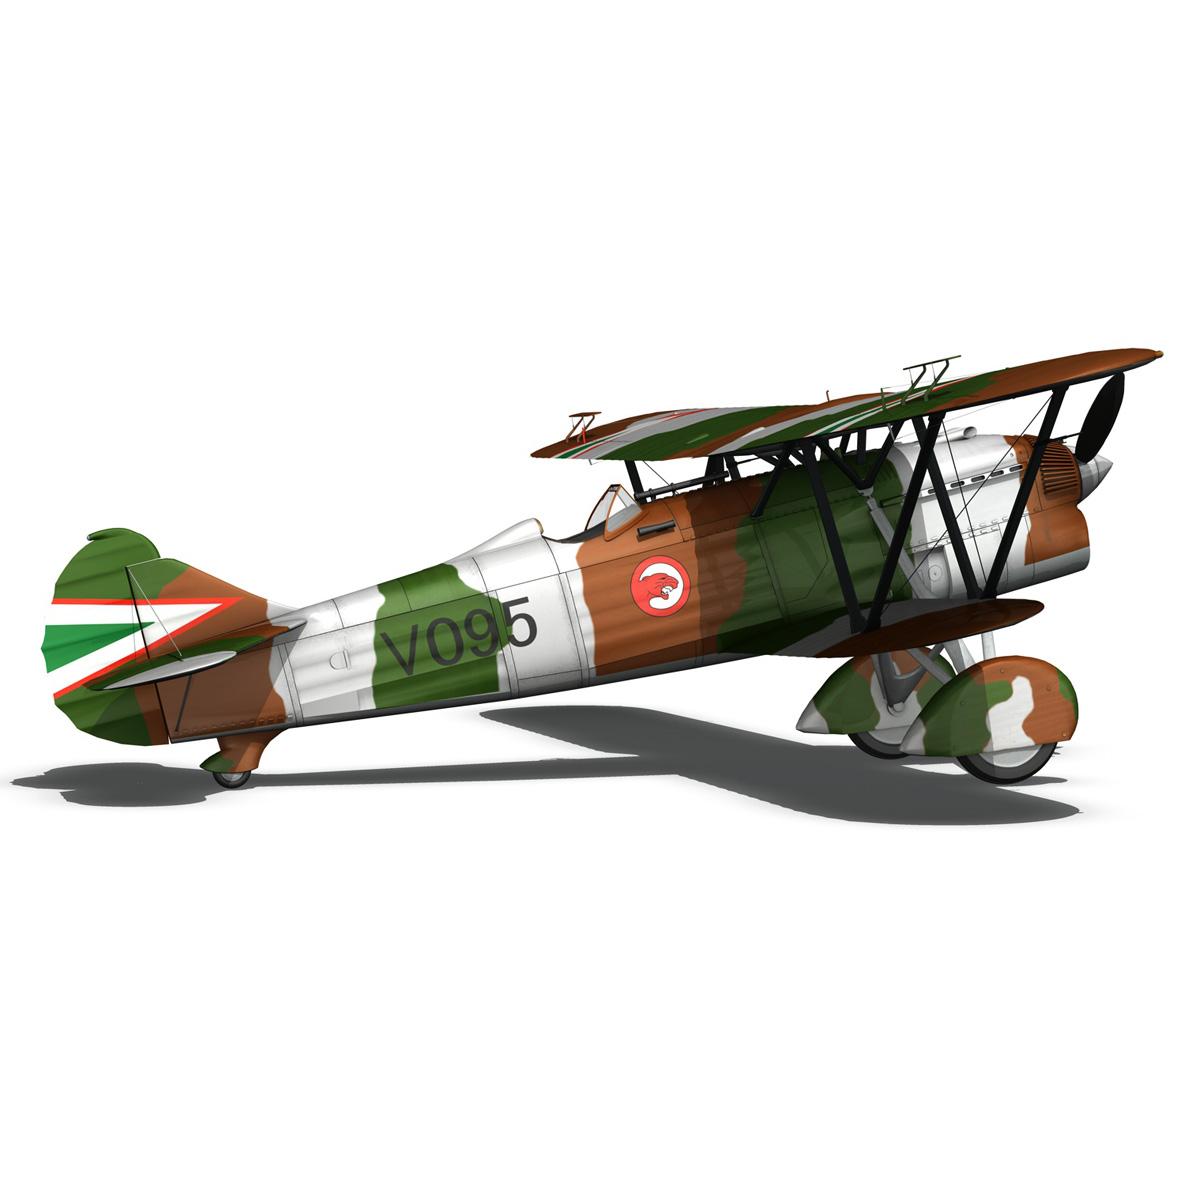 fiat cr.32 – hungarian royal air force – v095 3d model fbx lwo lw lws obj c4d 266285